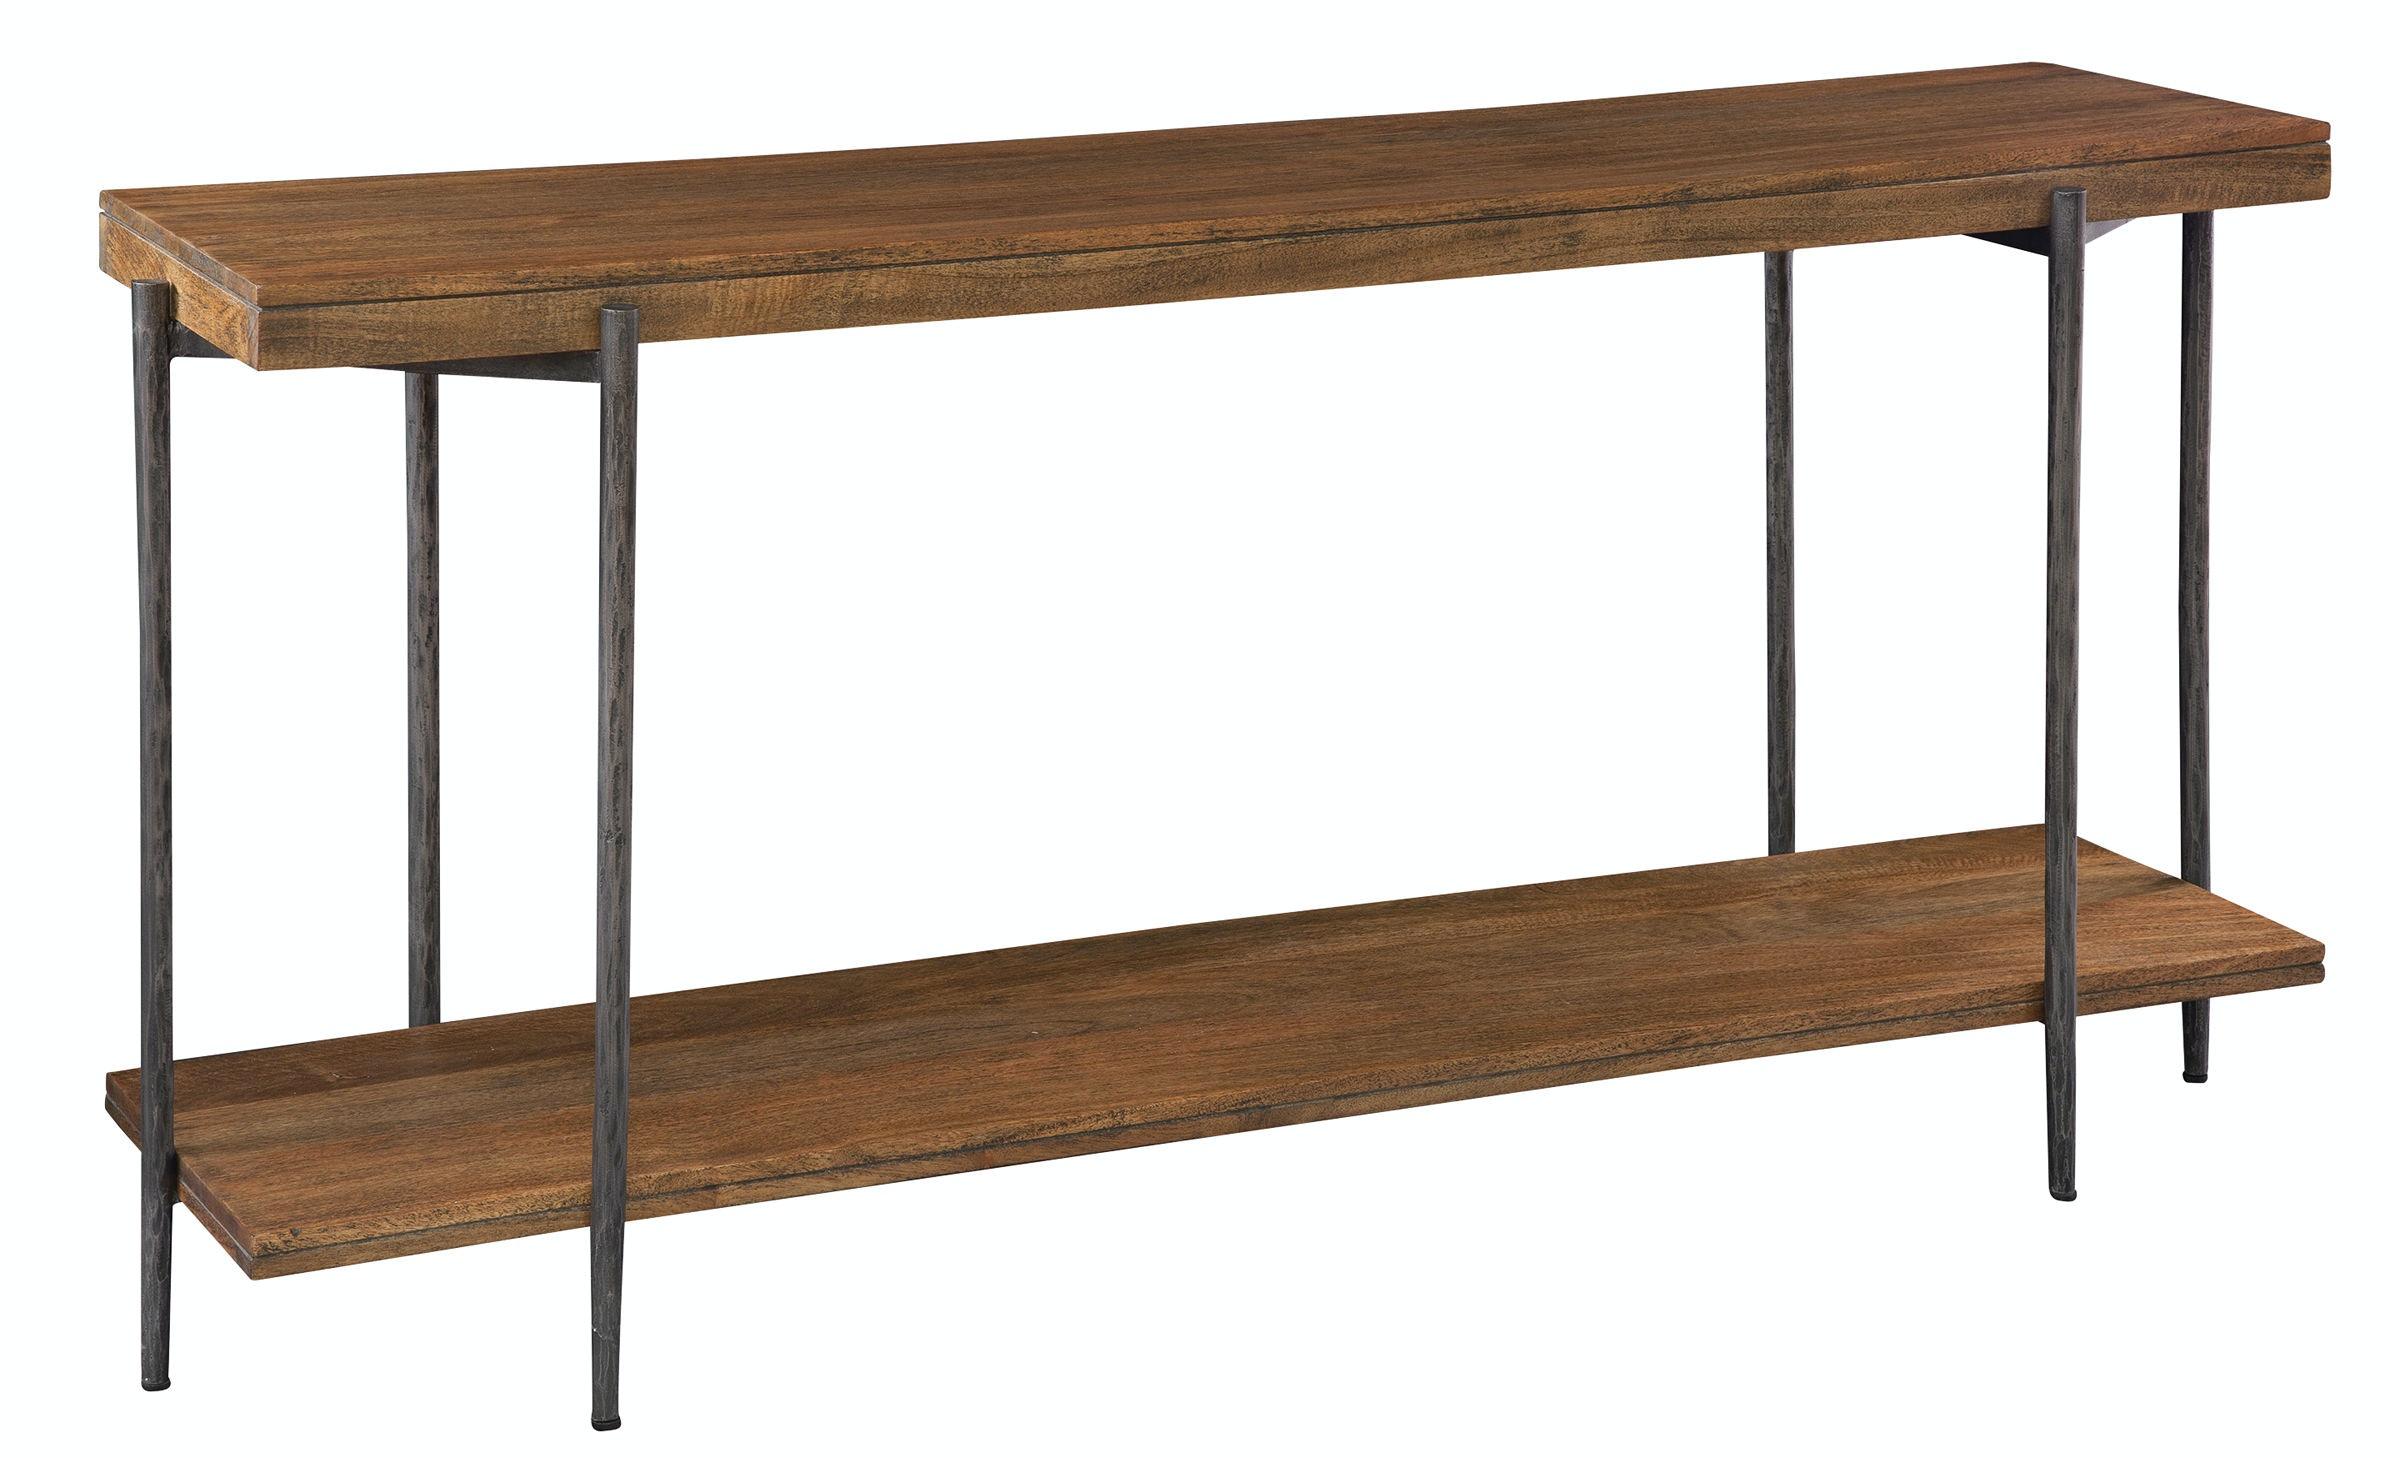 Hekman Sofa Table Hekman Sofa Table 23708 Thesofa